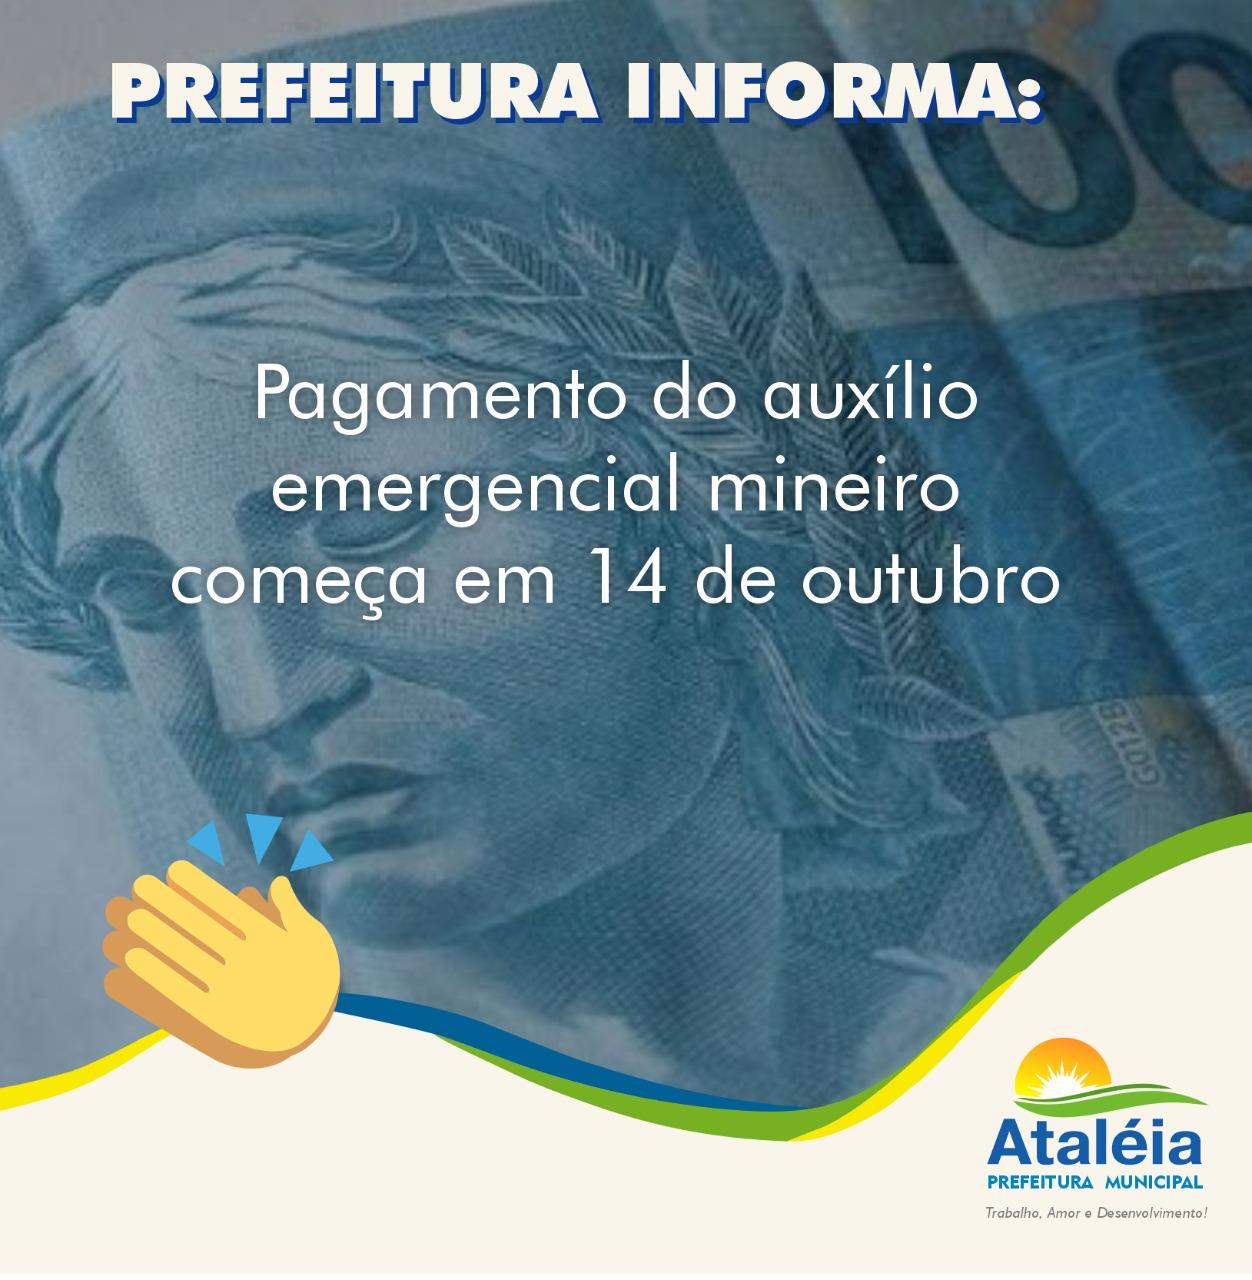 PREFEITURA INFORMA PAGAMENTO DO AUXÍLIO EMERGENCIAL ...